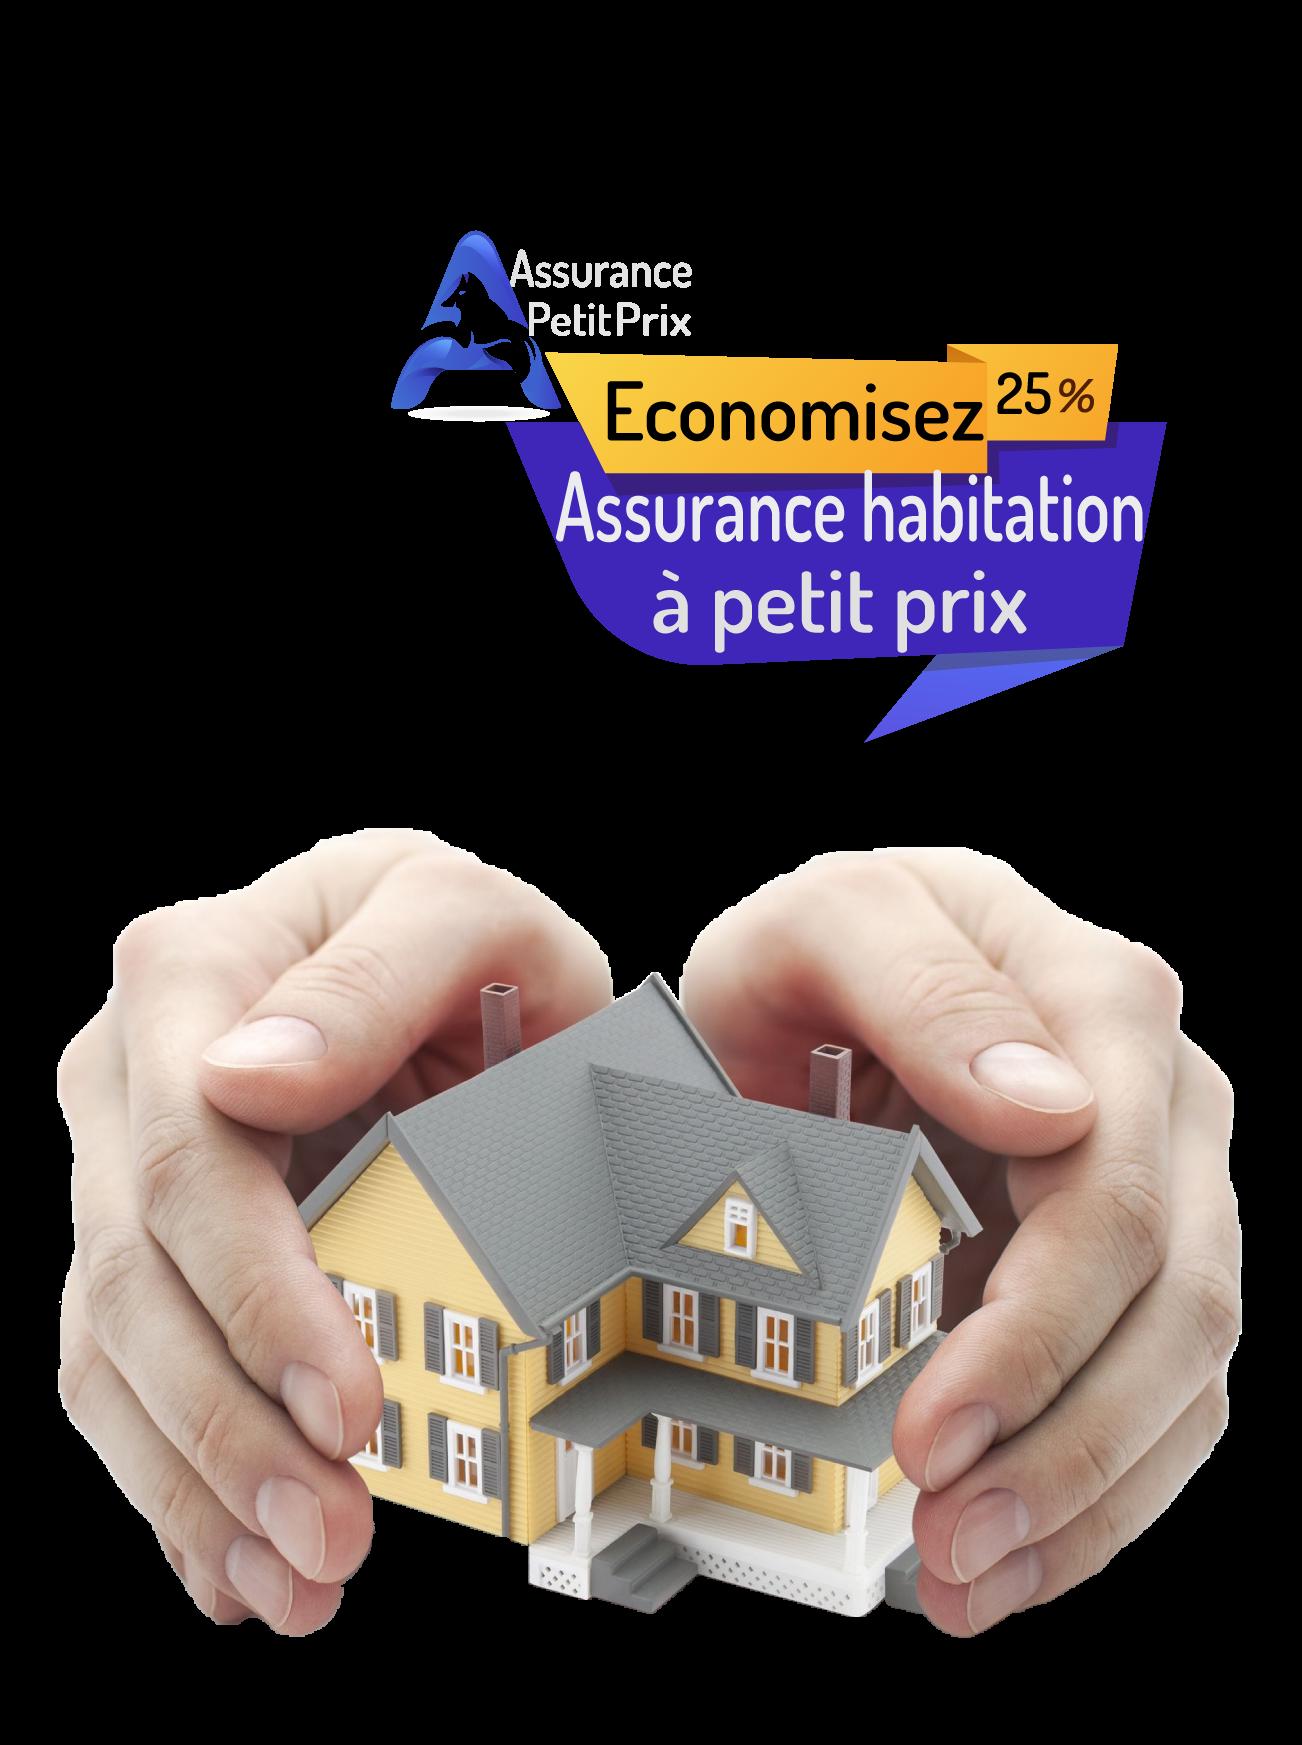 Assurance habitation à petit prix